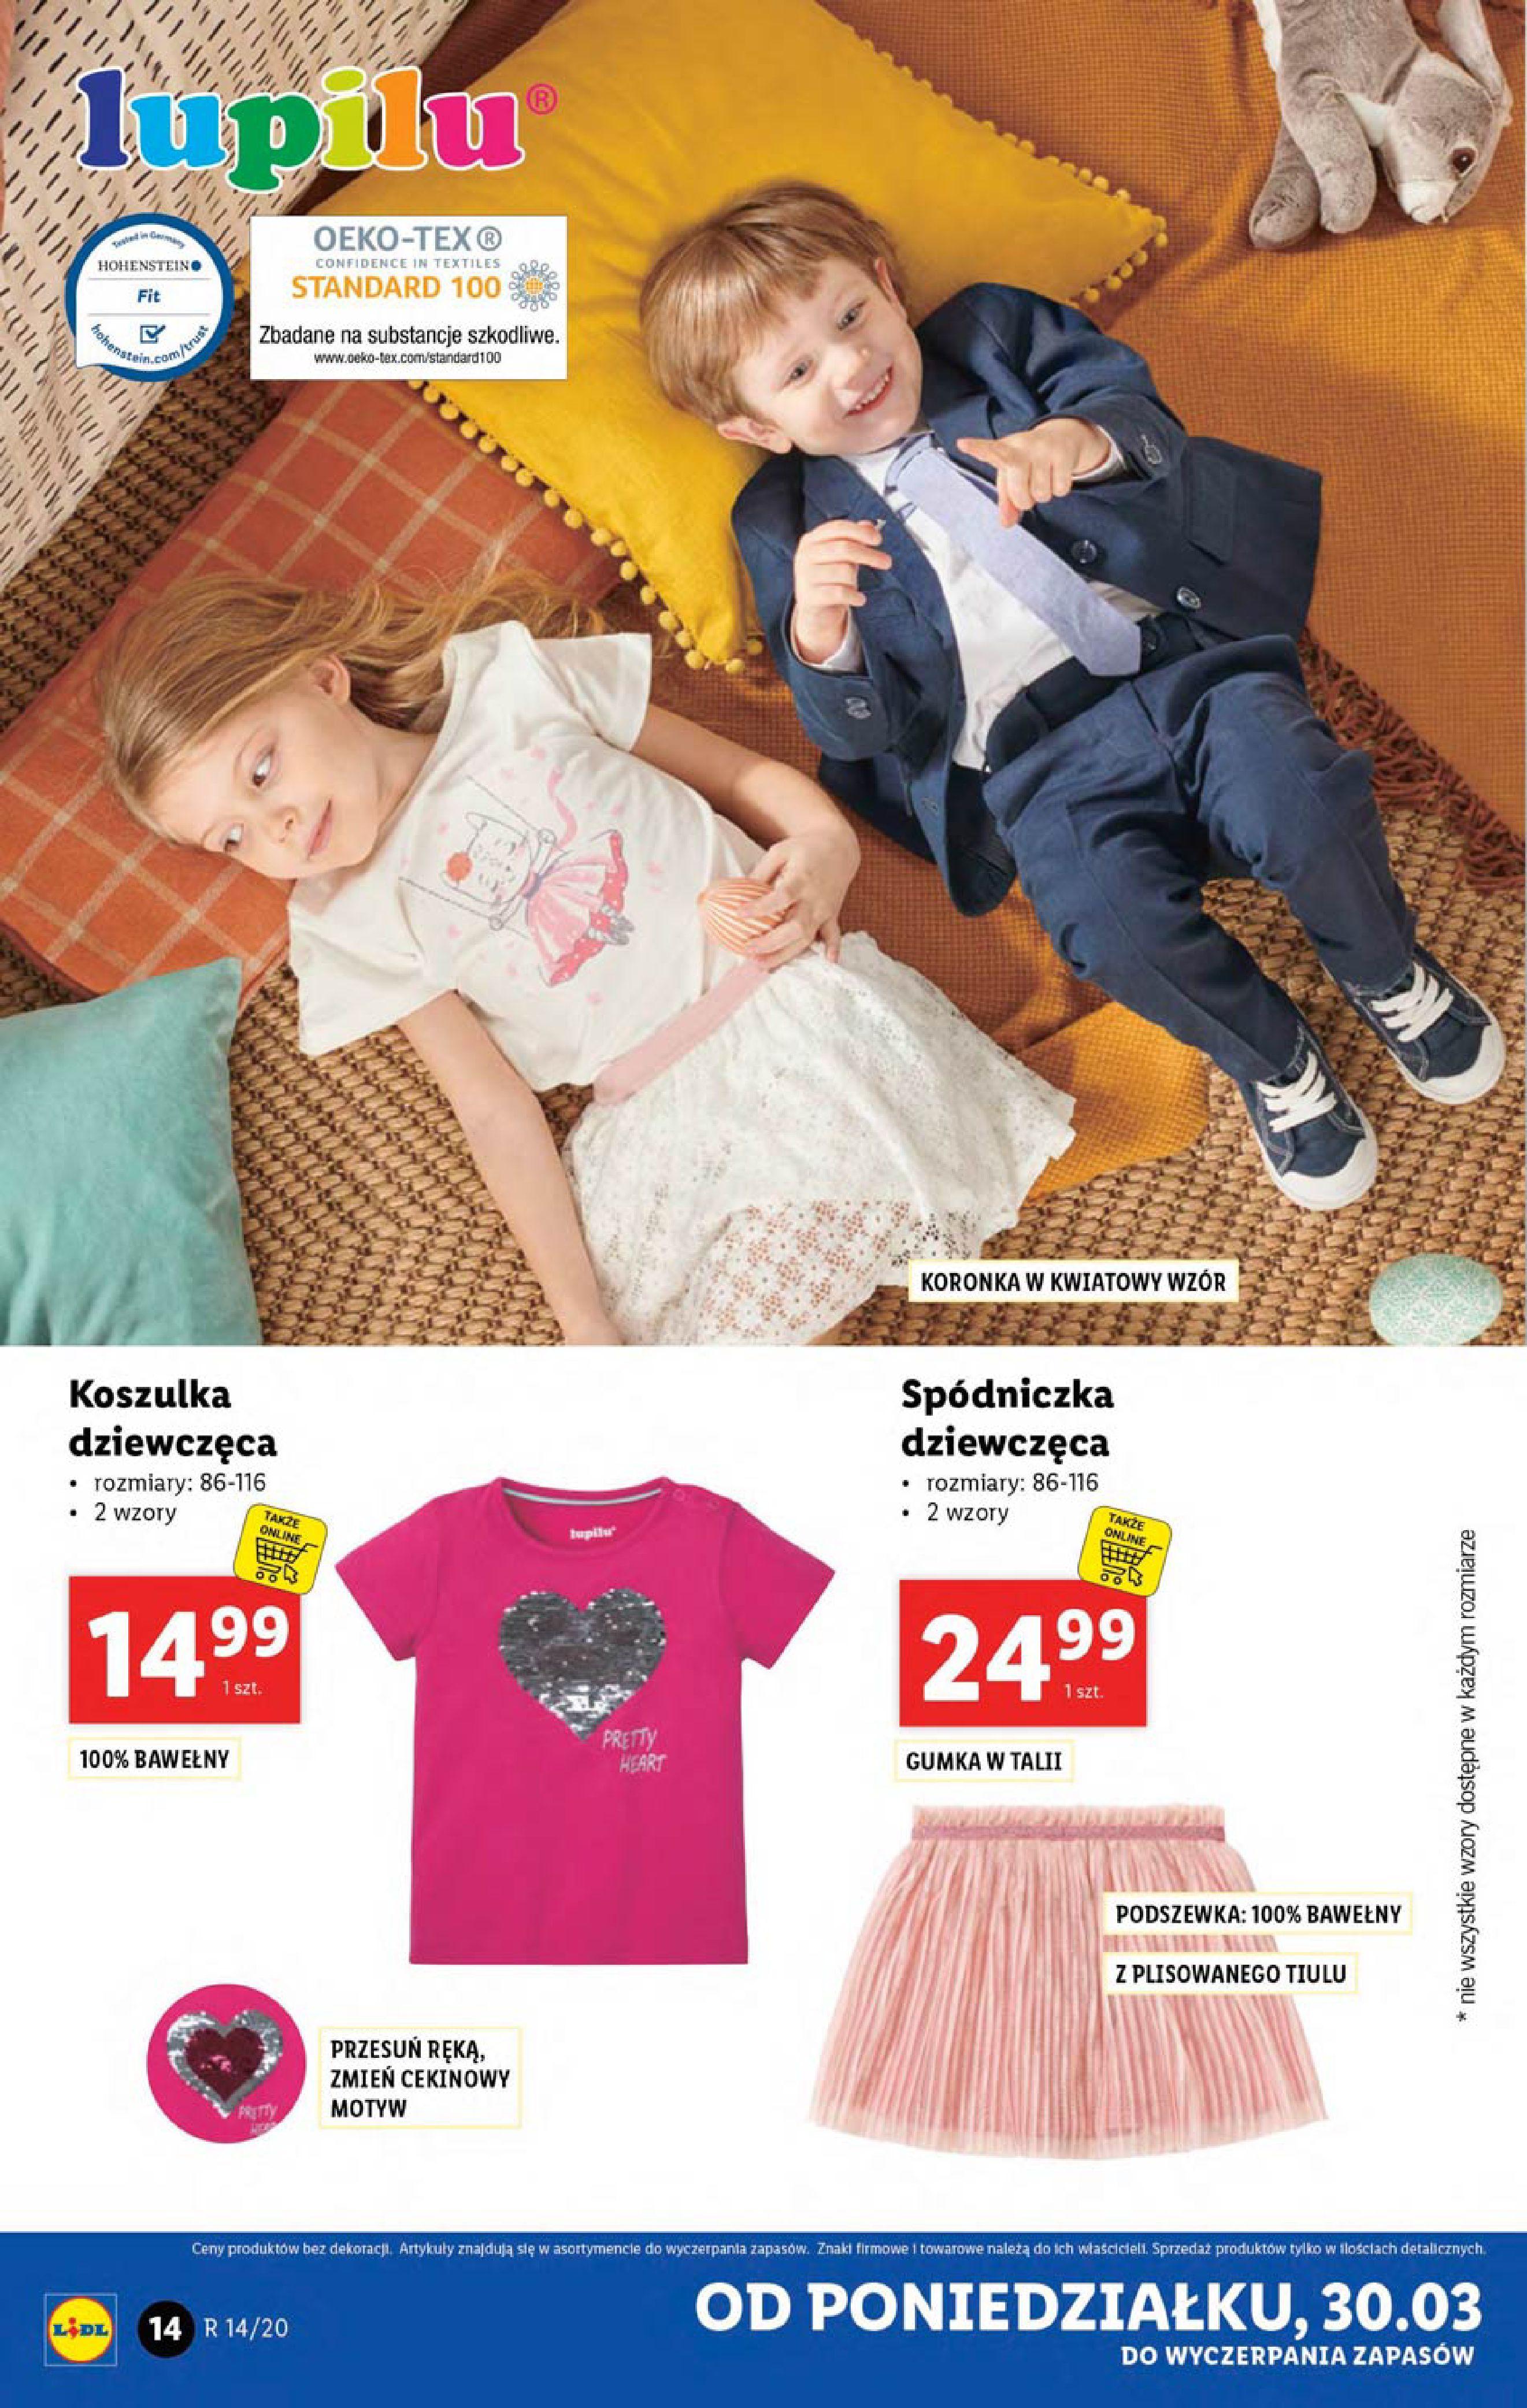 Gazetka Lidl - Katalog od poniedziałku 30.03-29.03.2020-05.04.2020-page-14